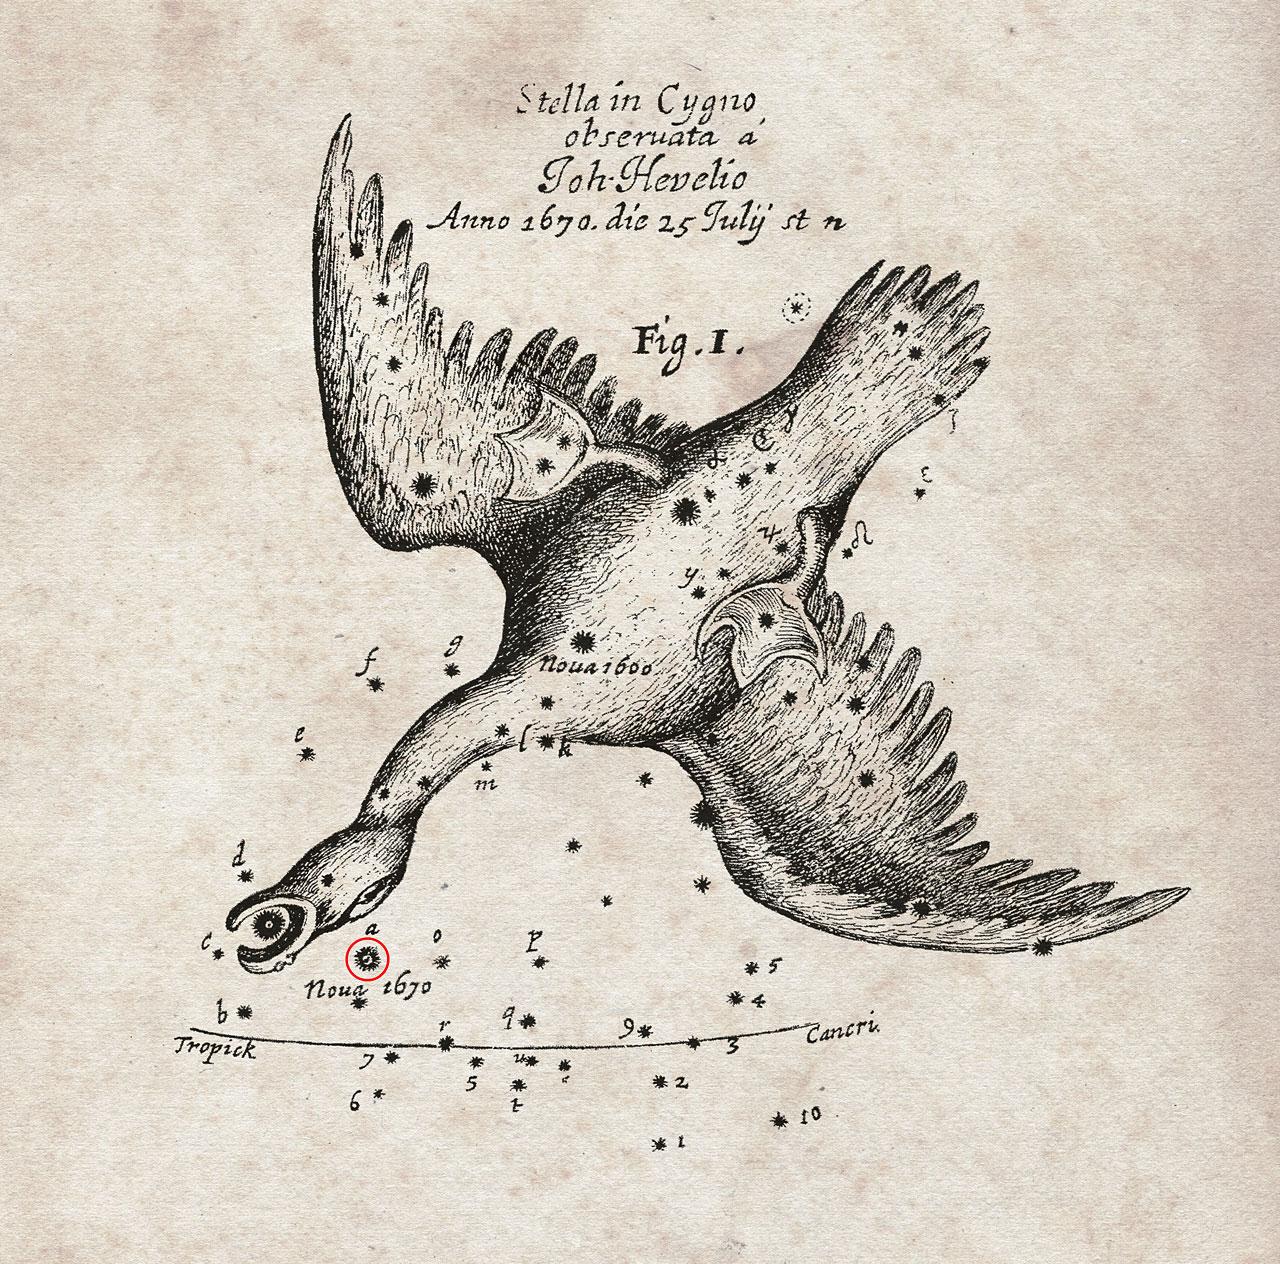 La posizione della nova ricordata da Hevelius. Fonte: Royal Society